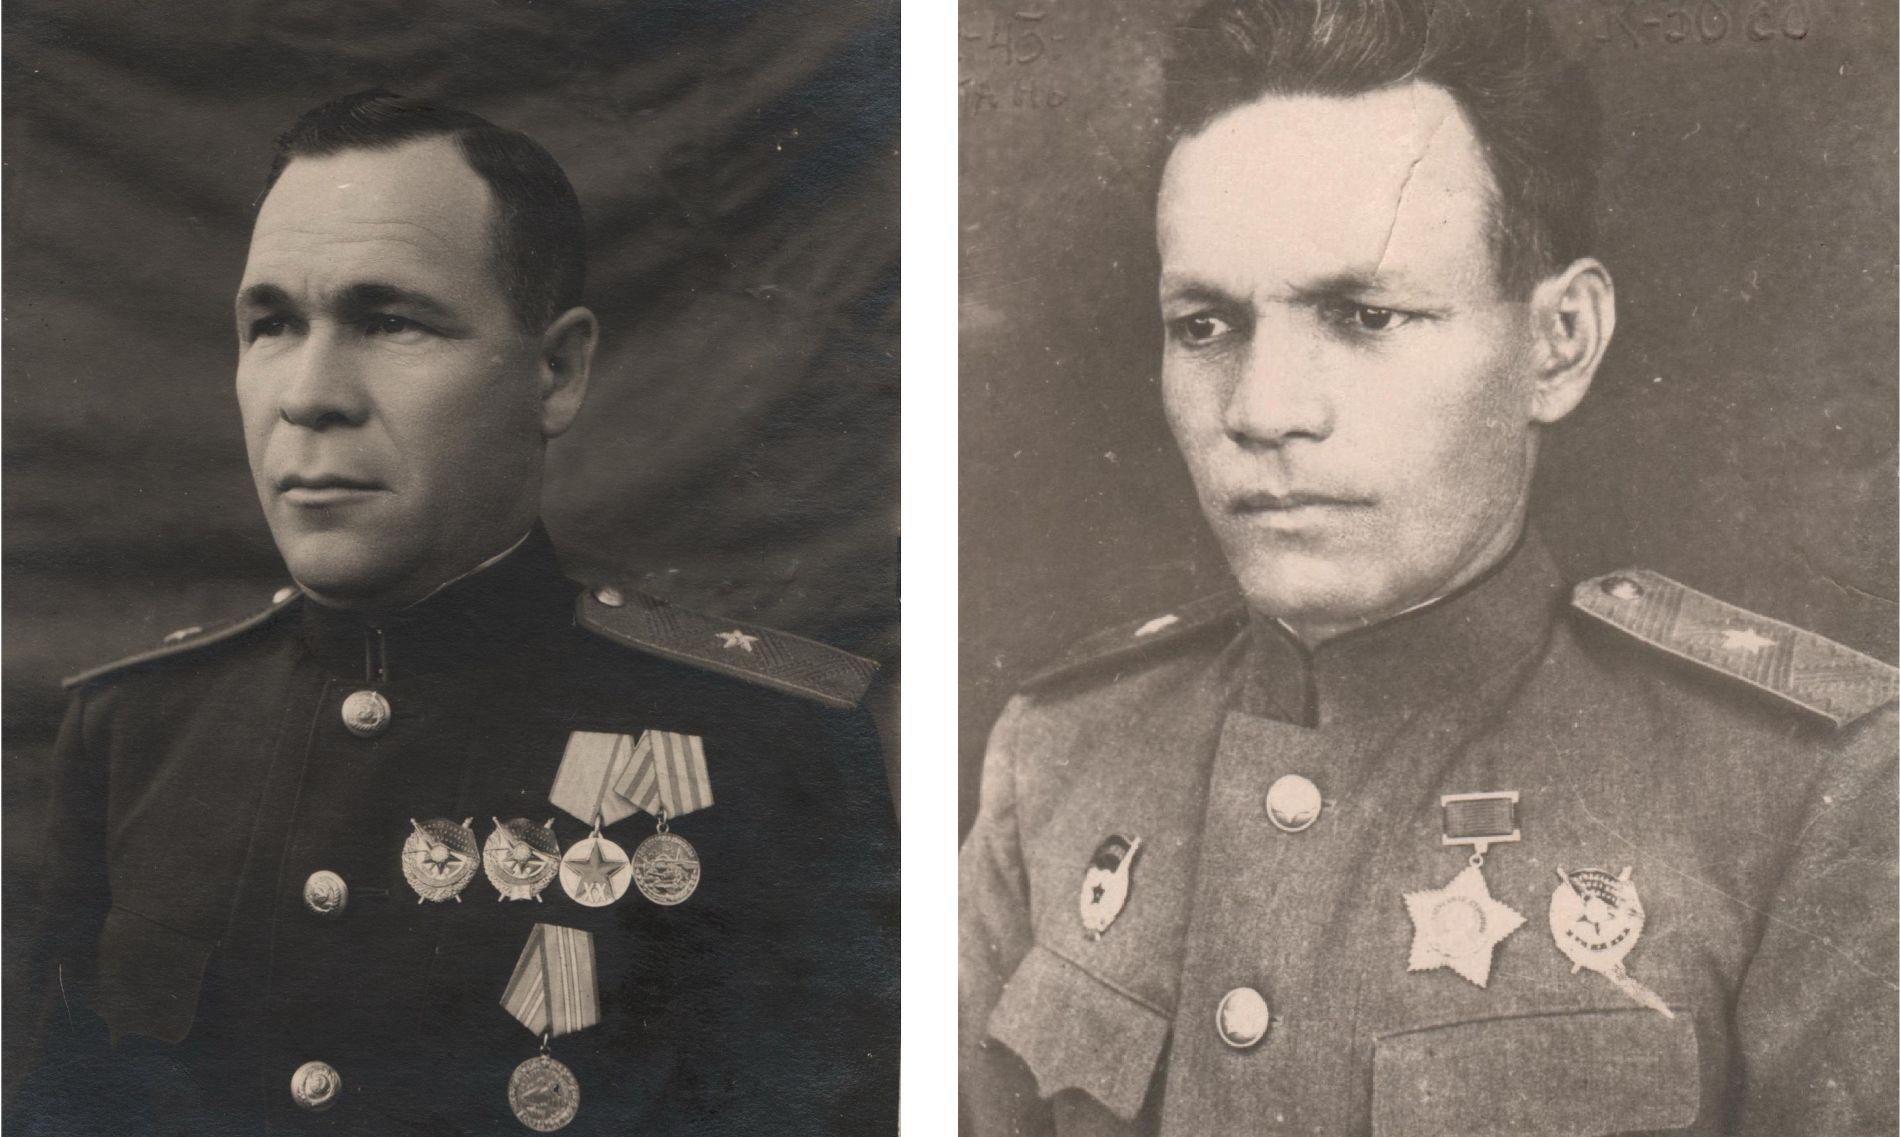 Петр Метальников и Борис Аршинцев ©Фото с сайта waralbum.ru